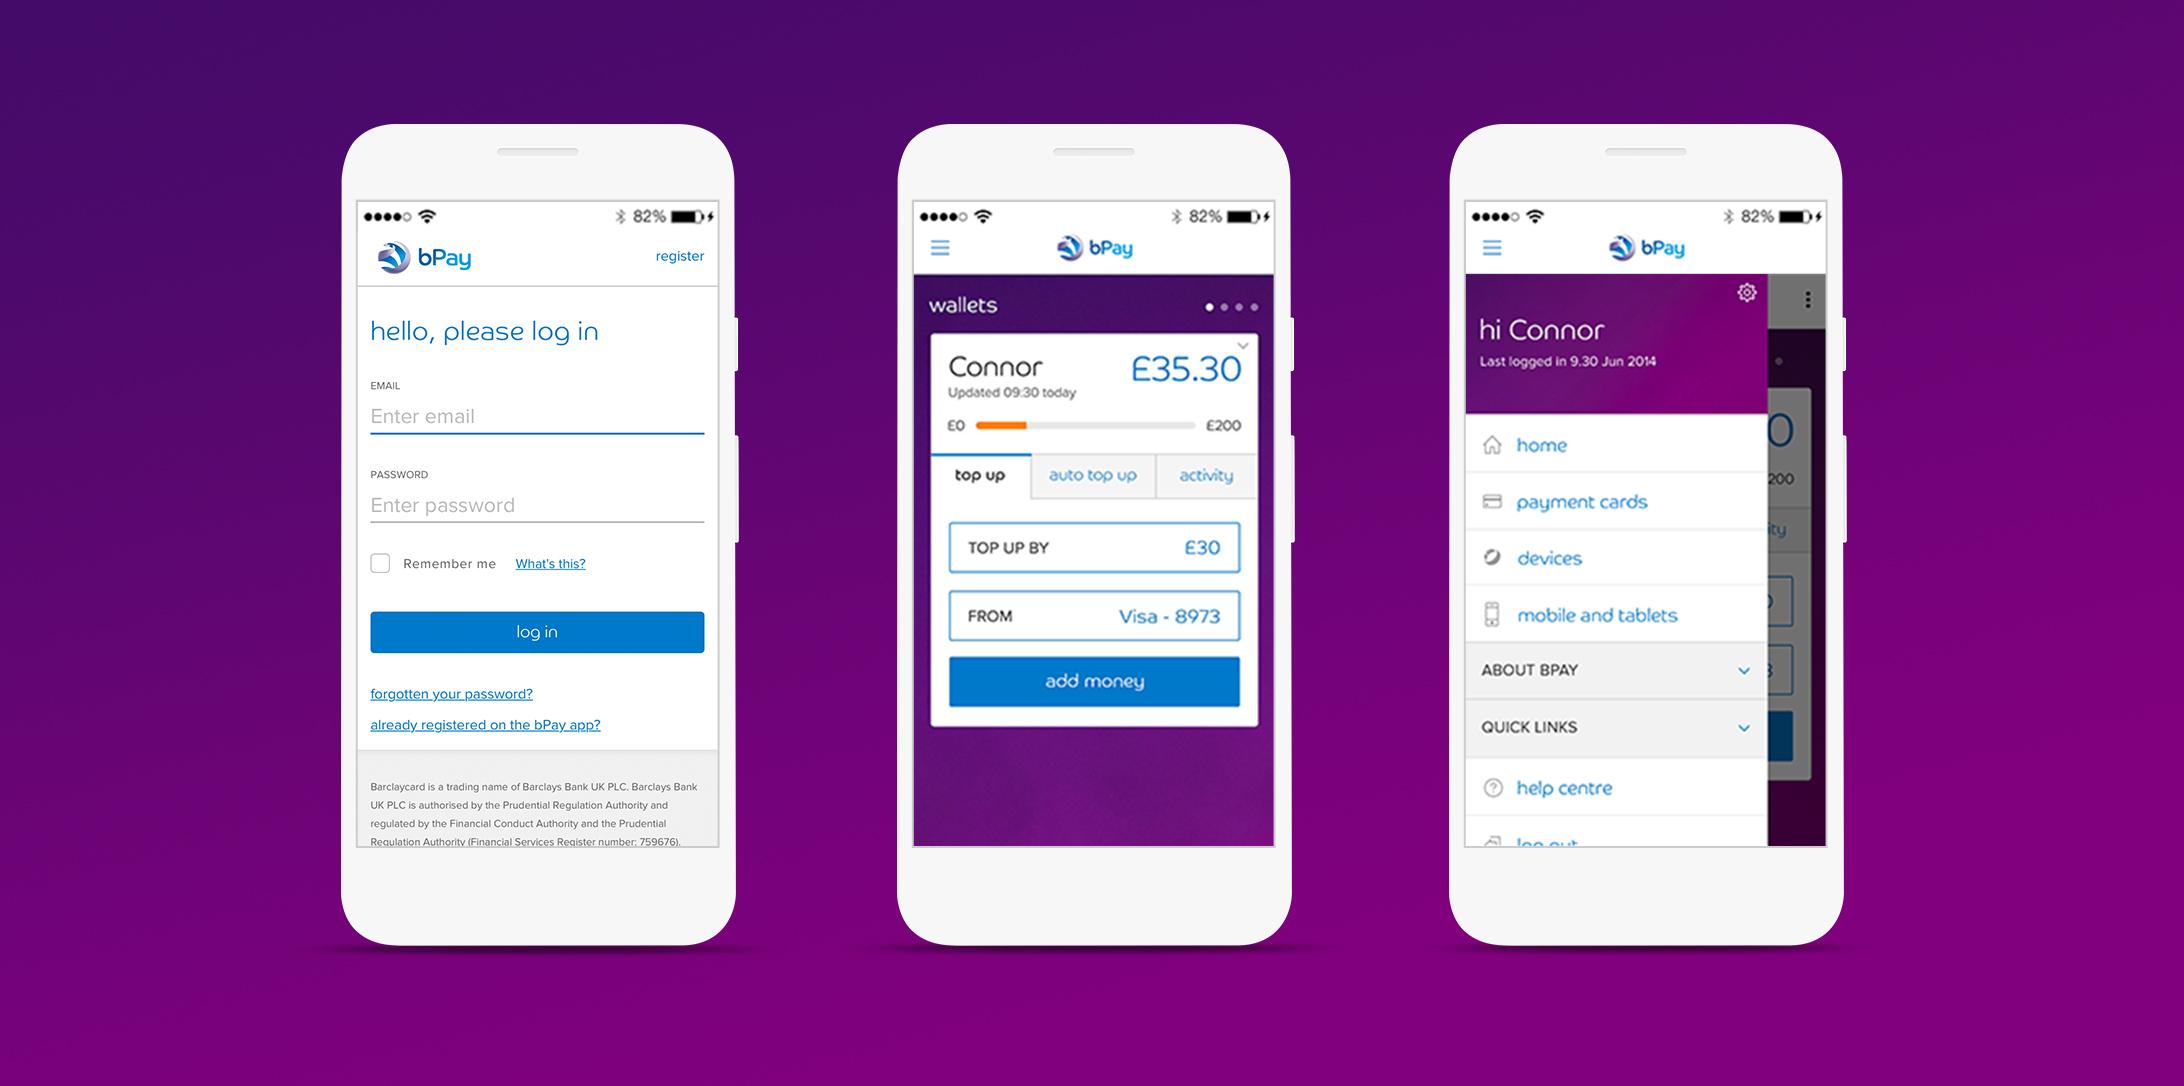 bPay-Mobile